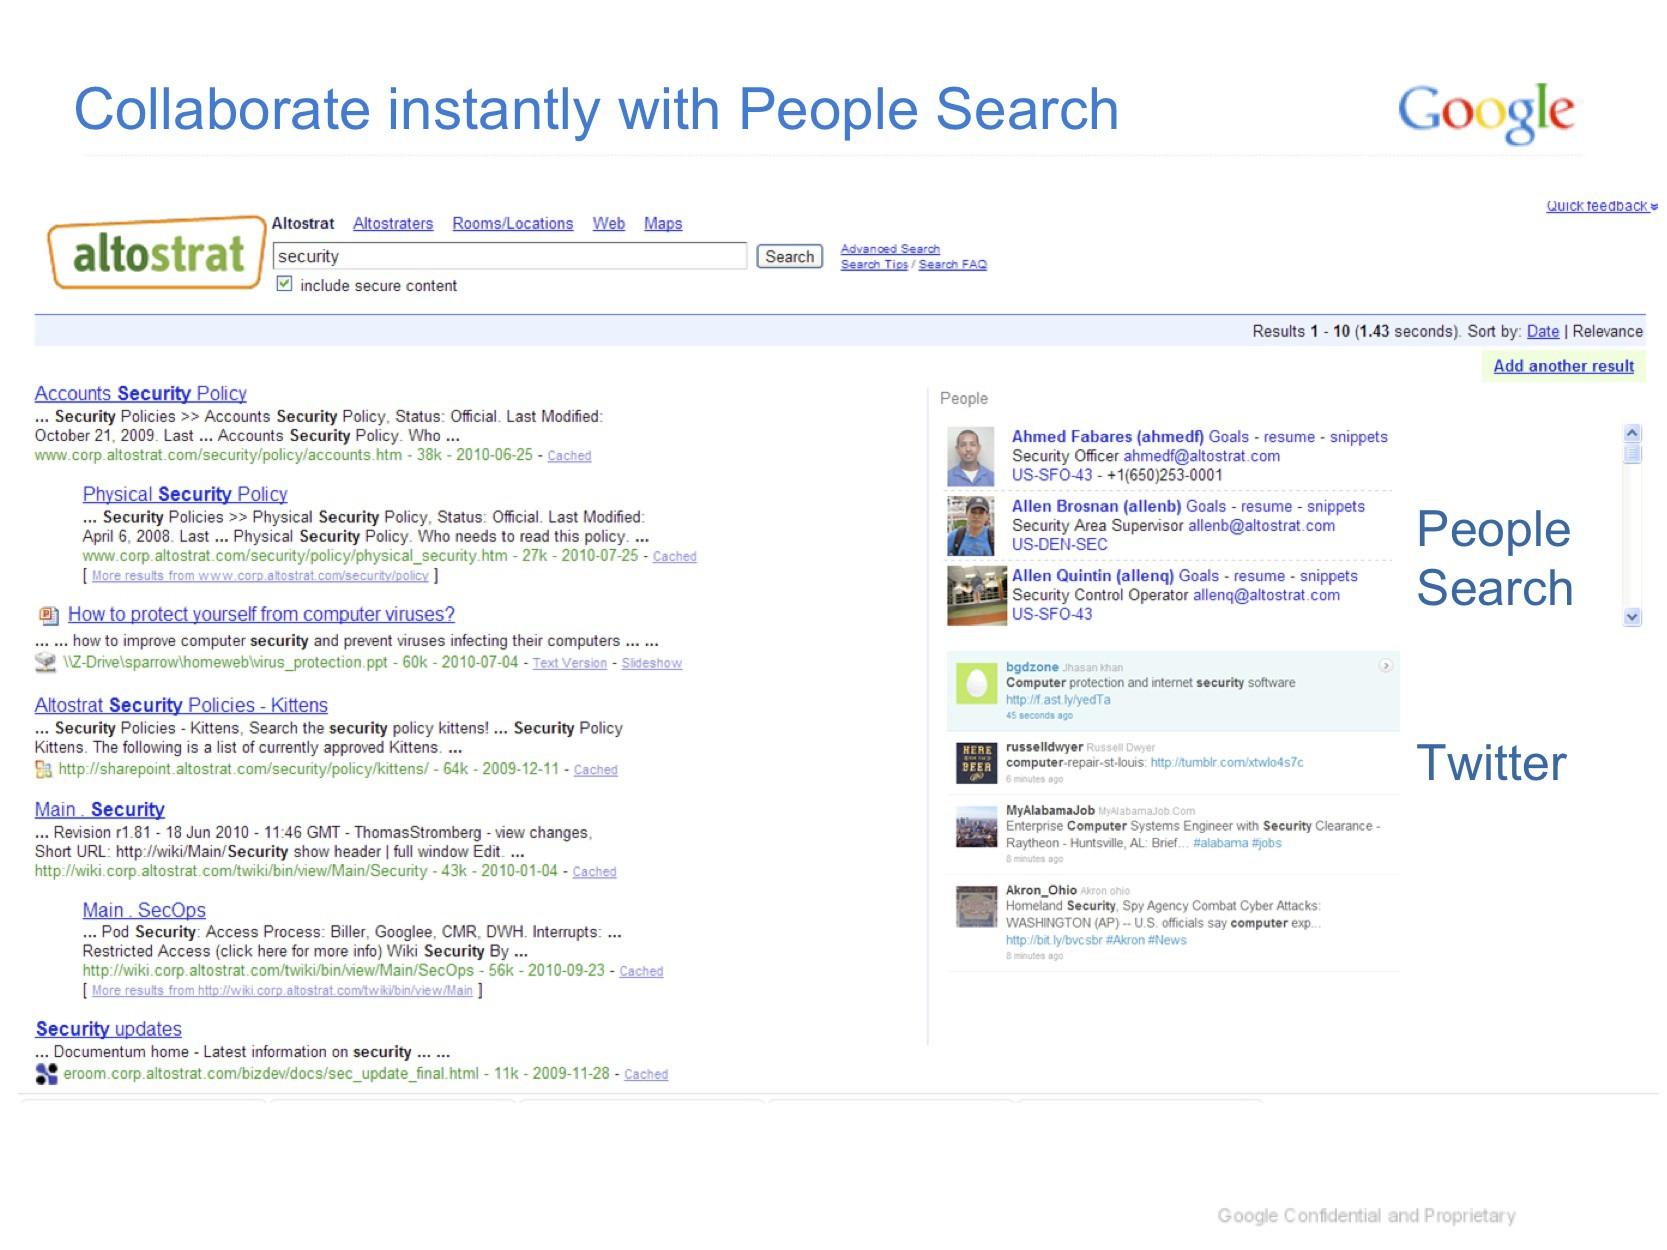 Search Appliance 6.8: Google durchsucht Unternehmen und Cloud-Dienste - Google Search Appliance 6.8 mit Personensuche